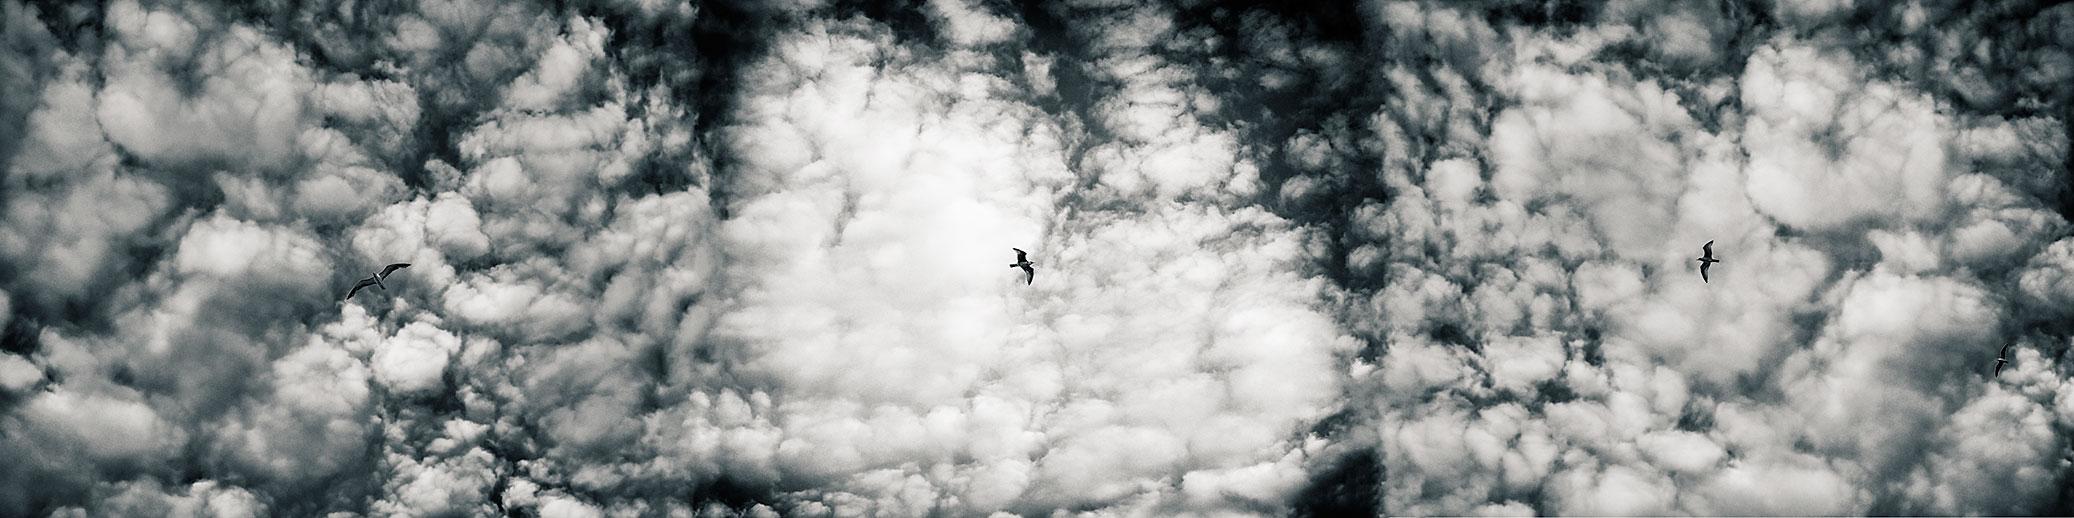 una nube negra